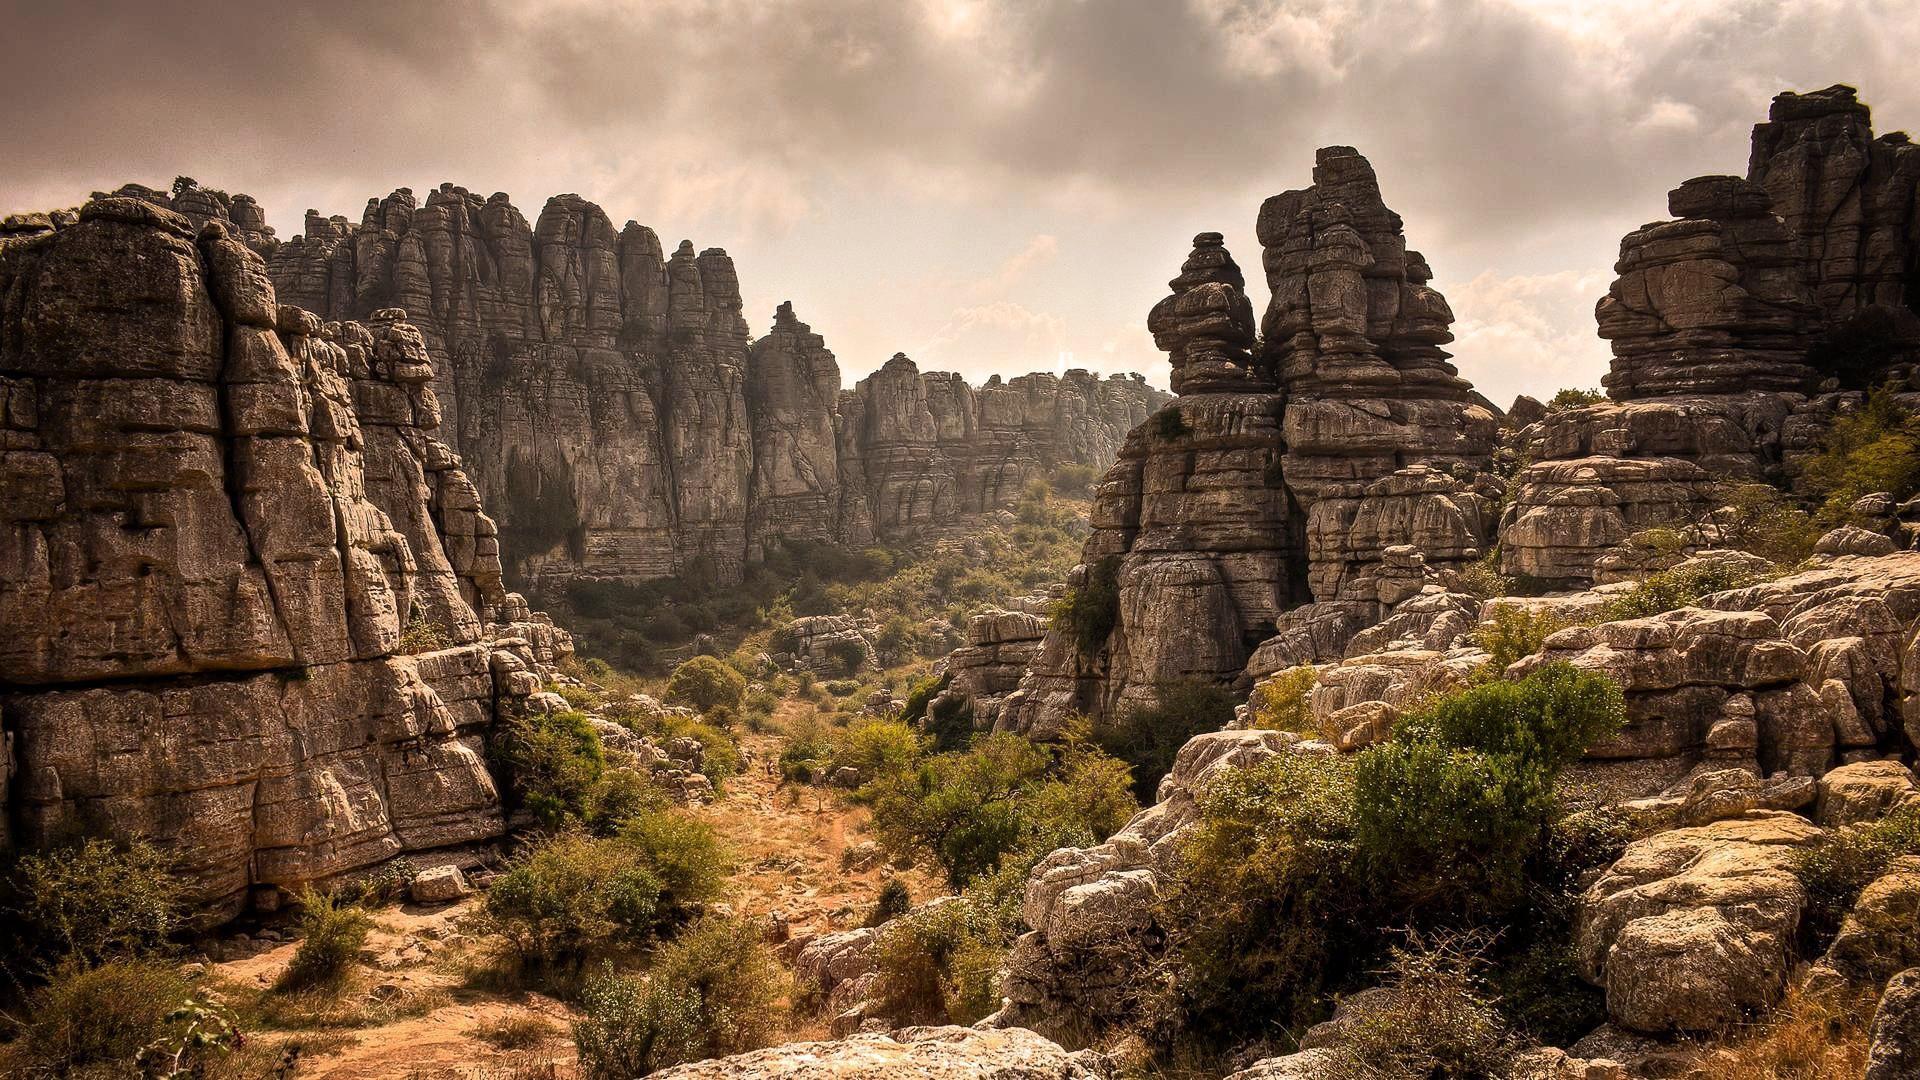 Rocky Landscape Wallpaper HD